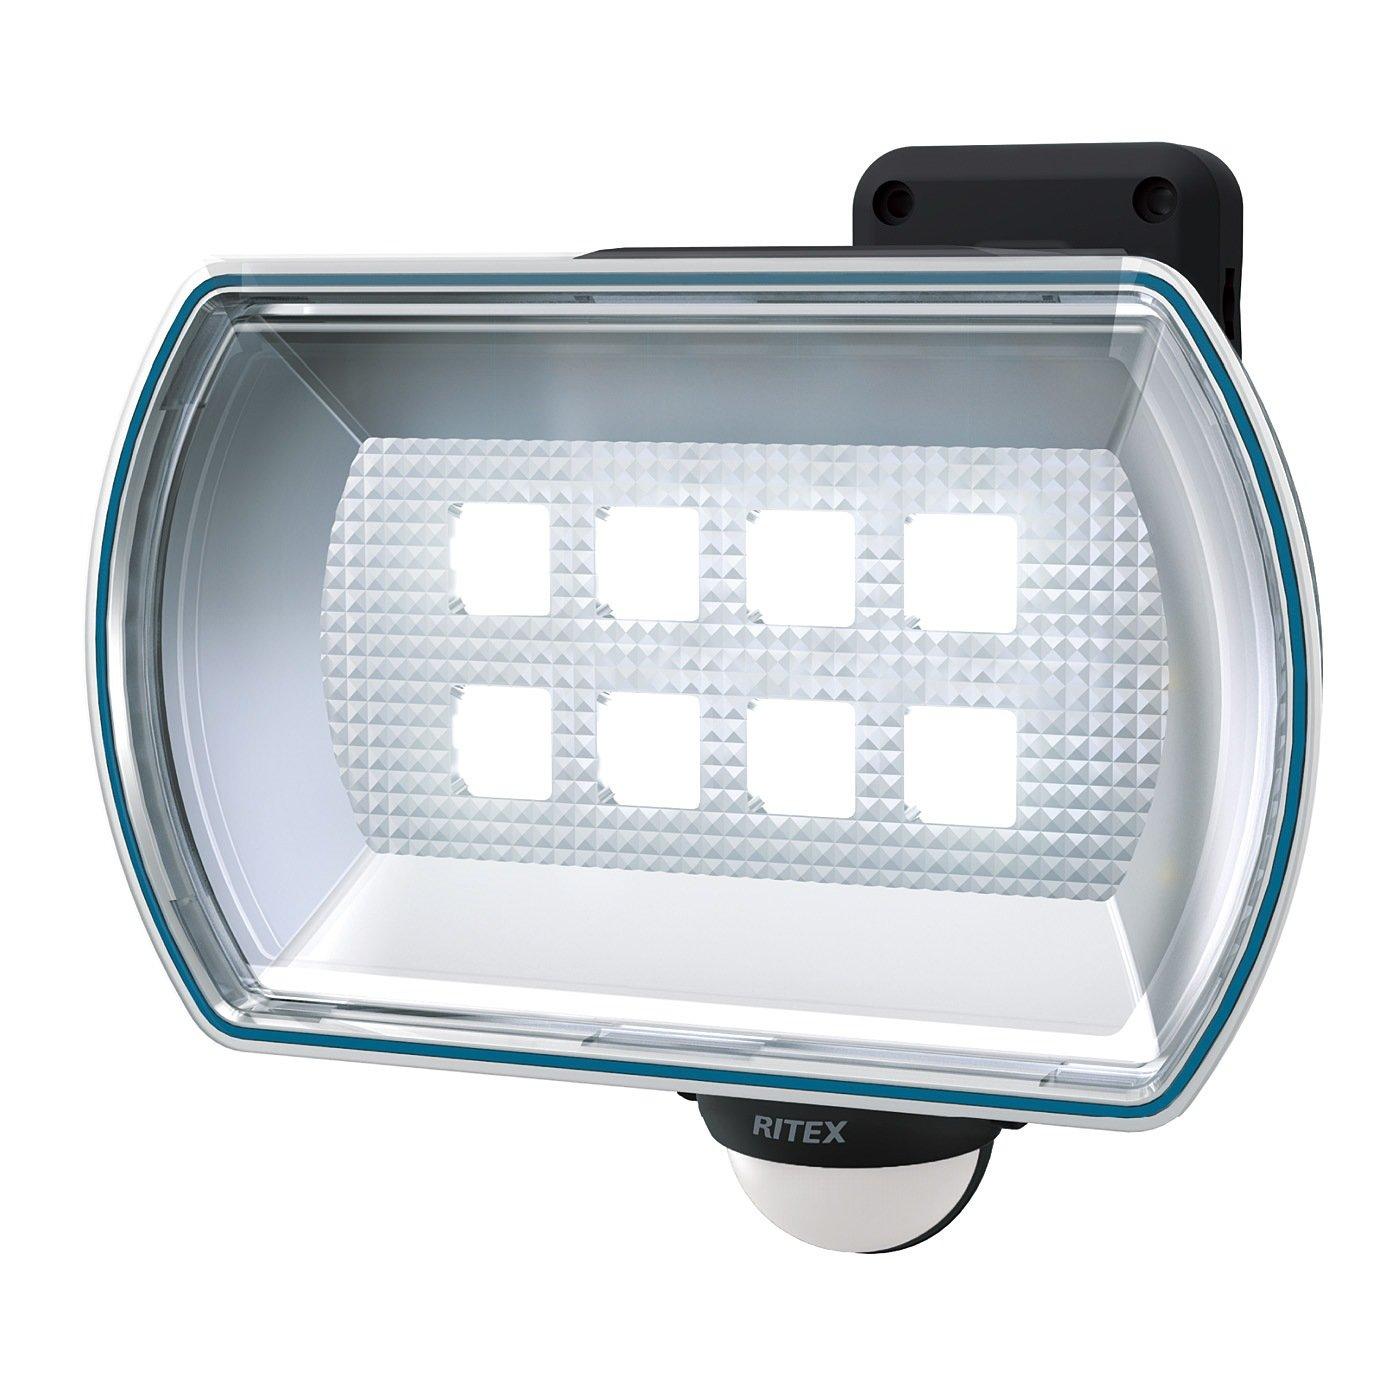 照射方向が自在 明かりで安心 乾電池式 LED屋外人感センサーライト